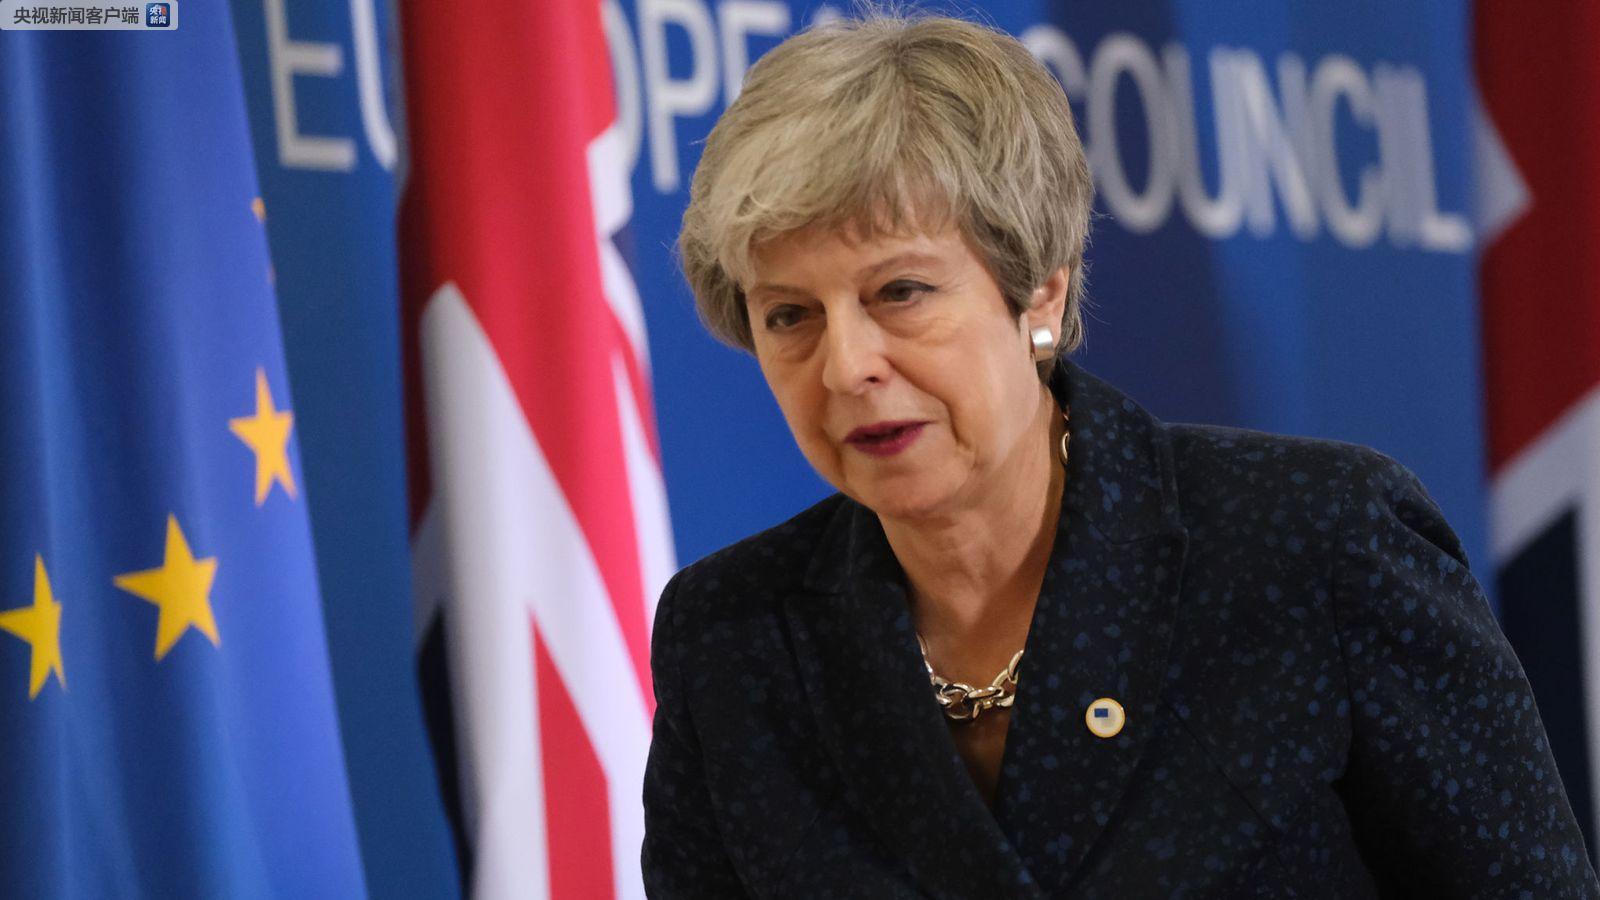 """聚焦英国""""脱欧"""" 英国首相将前往德法进行外交努力"""